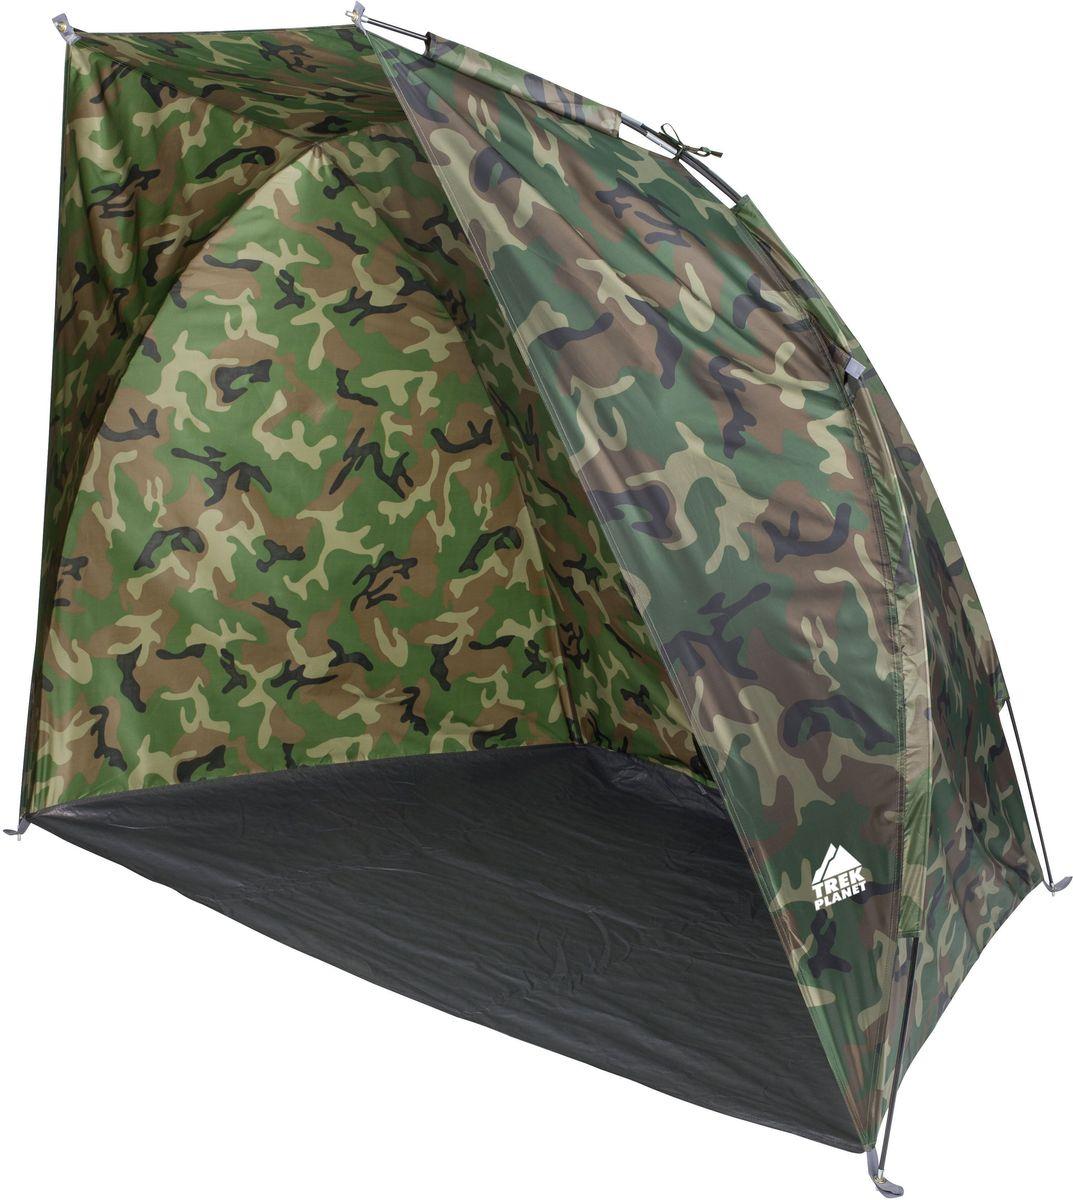 Тент Trek Planet Fish Tent 2, цвет: камуфляж70139Камуфляжный тент Trek Planet Fish Tent 2, обеспечивает защиту от солнца и ветра и небольших осадков - идеально подойдет для любителей рыбалки или охоты. Внутри легко помещаются два кемпинговых стула. Очень прост в установке, имеет малый вес и удобный чехол с ручкой для переноски. Особенности модели: Простая и быстрая установка, Тент шатра из полиэстера, с пропиткой PU, за которым удобно укрыться от палящего солнца, ветра или небольших осадков, Каркас выполнен из прочного стеклопластика, Дно изготовлено из прочного армированного полиэтилена, Растяжки и колышки в комплекте. Характеристики: Количество мест: 2 Цвет: камуфляж. Размер: 200 см х 115 см х 150 см. Размер в сложенном виде: 10 см х 10 см х 65 см. Материал внешнего тента: 100% полиэстер, пропитка PU. Водостойкость: 1000 мм. Материал пола: 100% армированный полиэтилен. Материл дуги: стекловолокно 7,9 мм. Вес палатки: 1,3 кг.